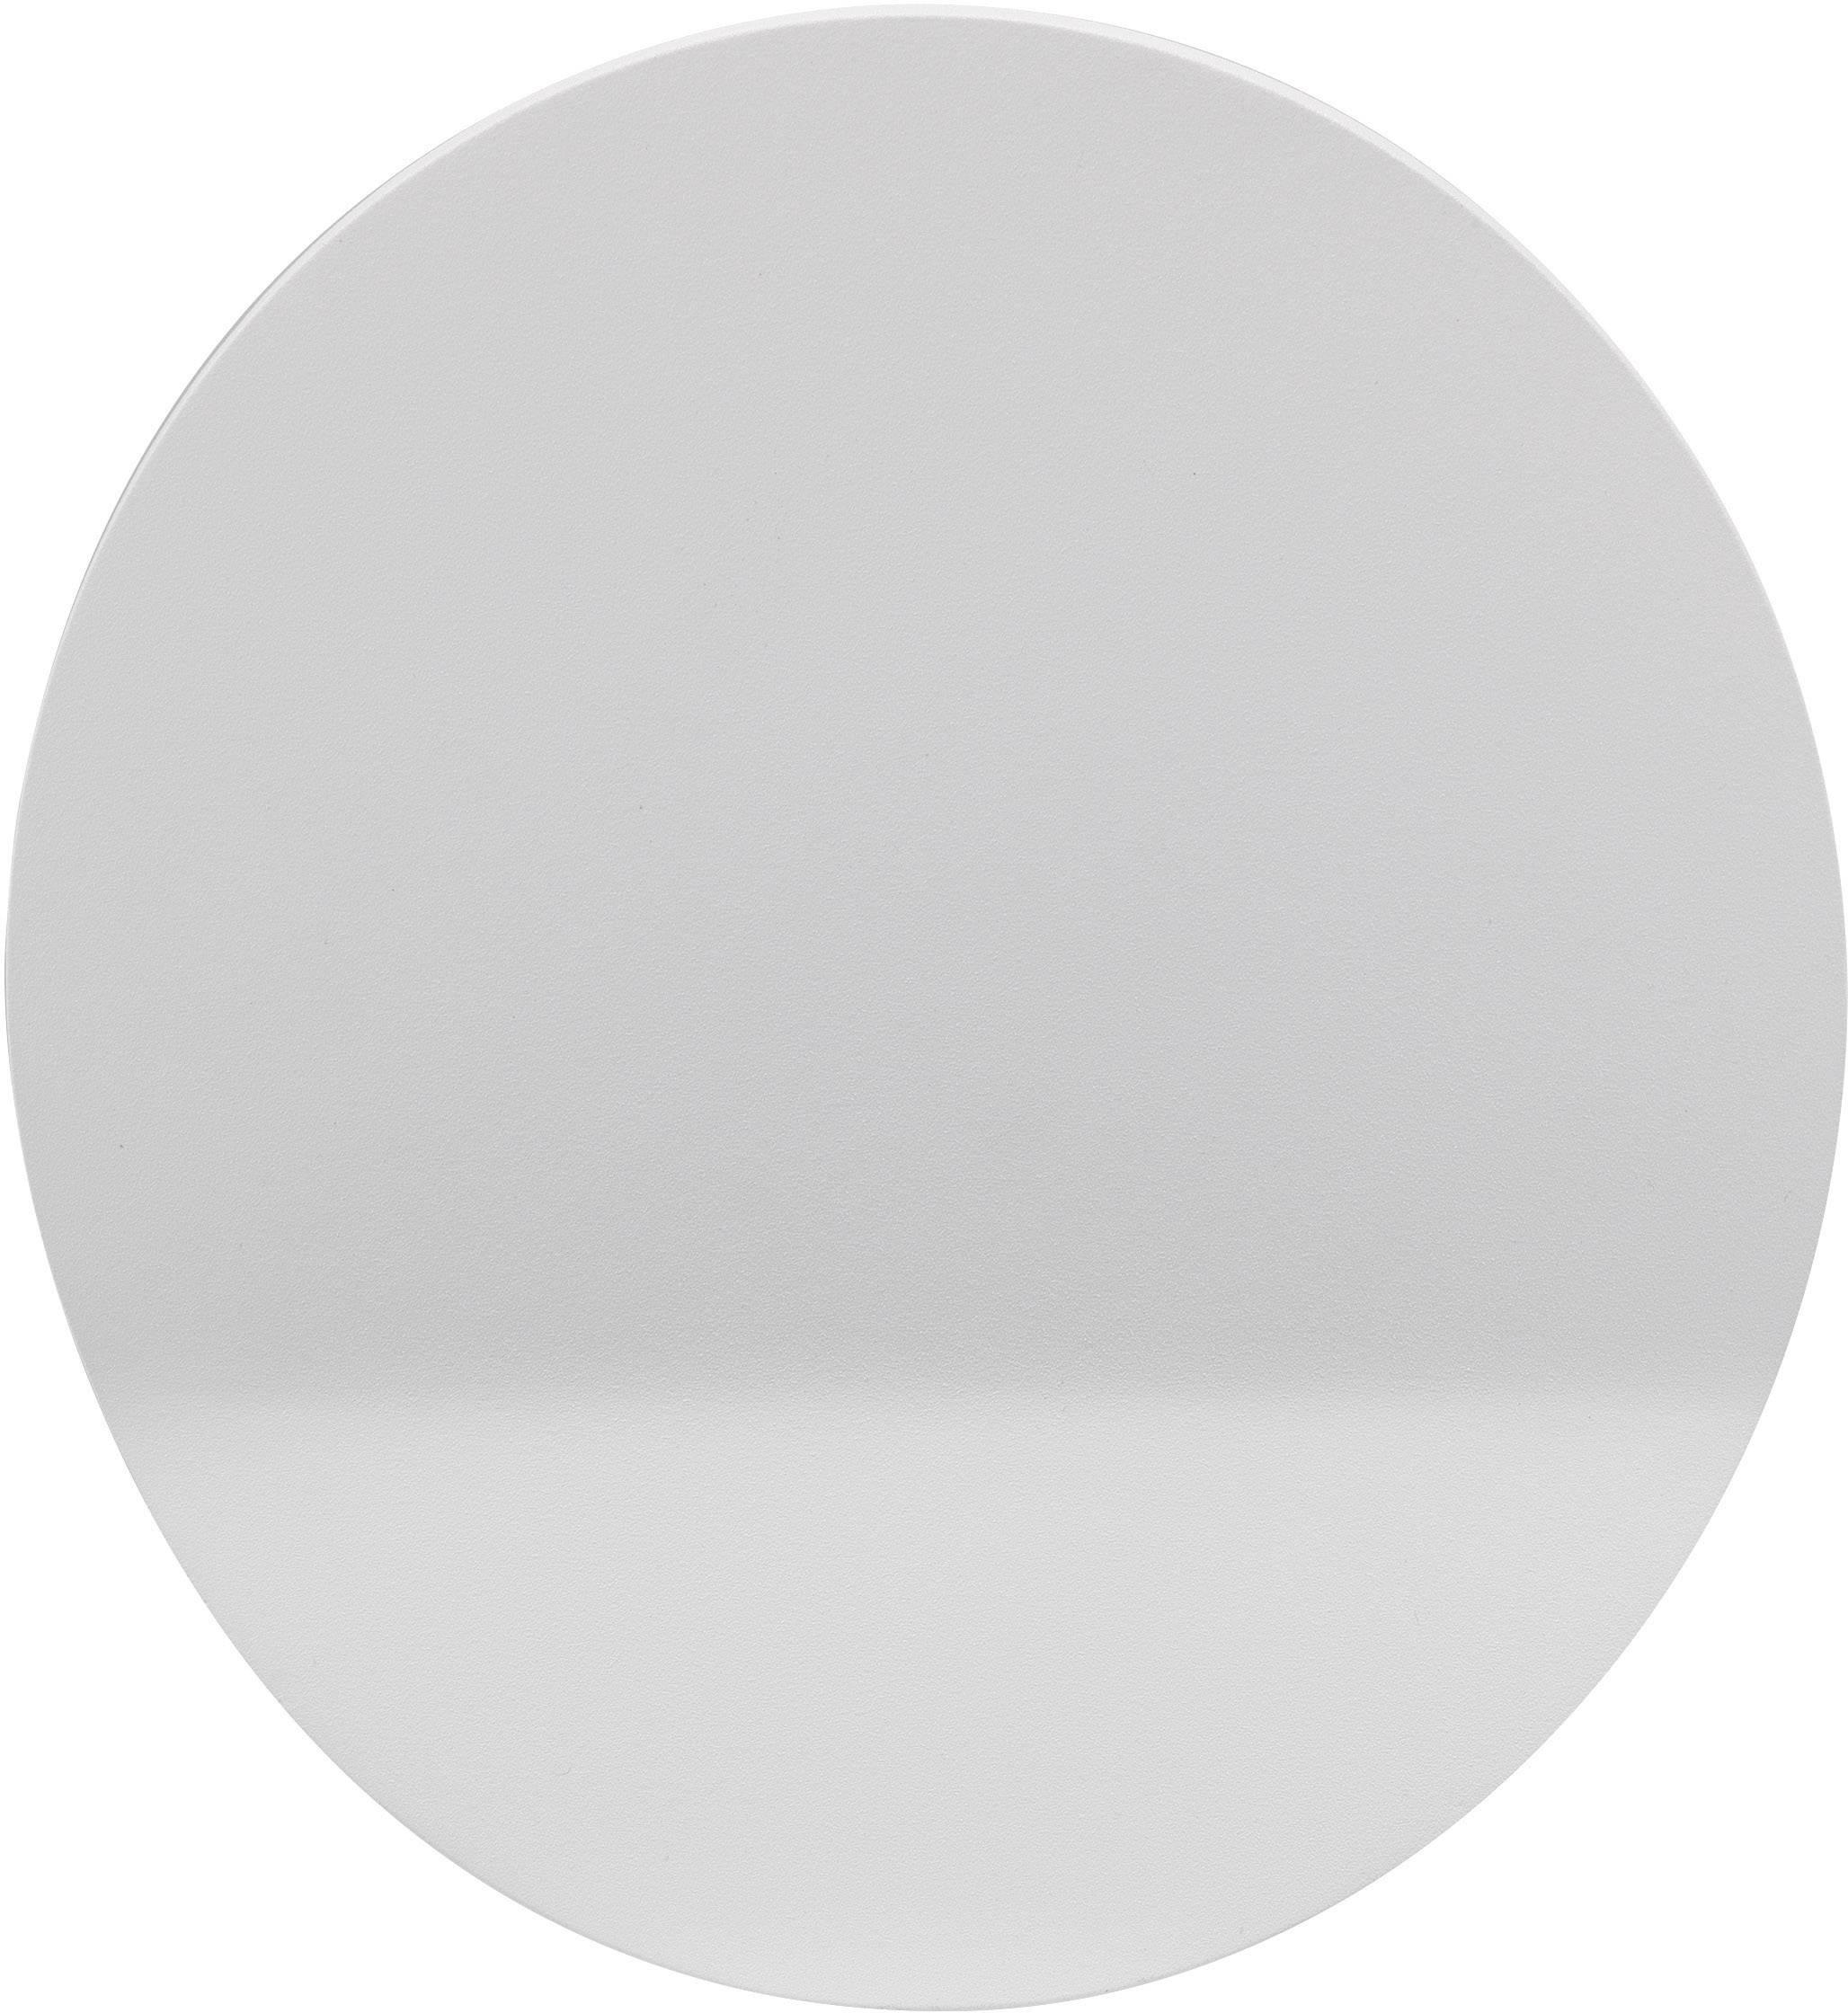 Nástěnné LED svítidlo Renkforce Redondo, WLE-1932, 4 W, teplá bílá